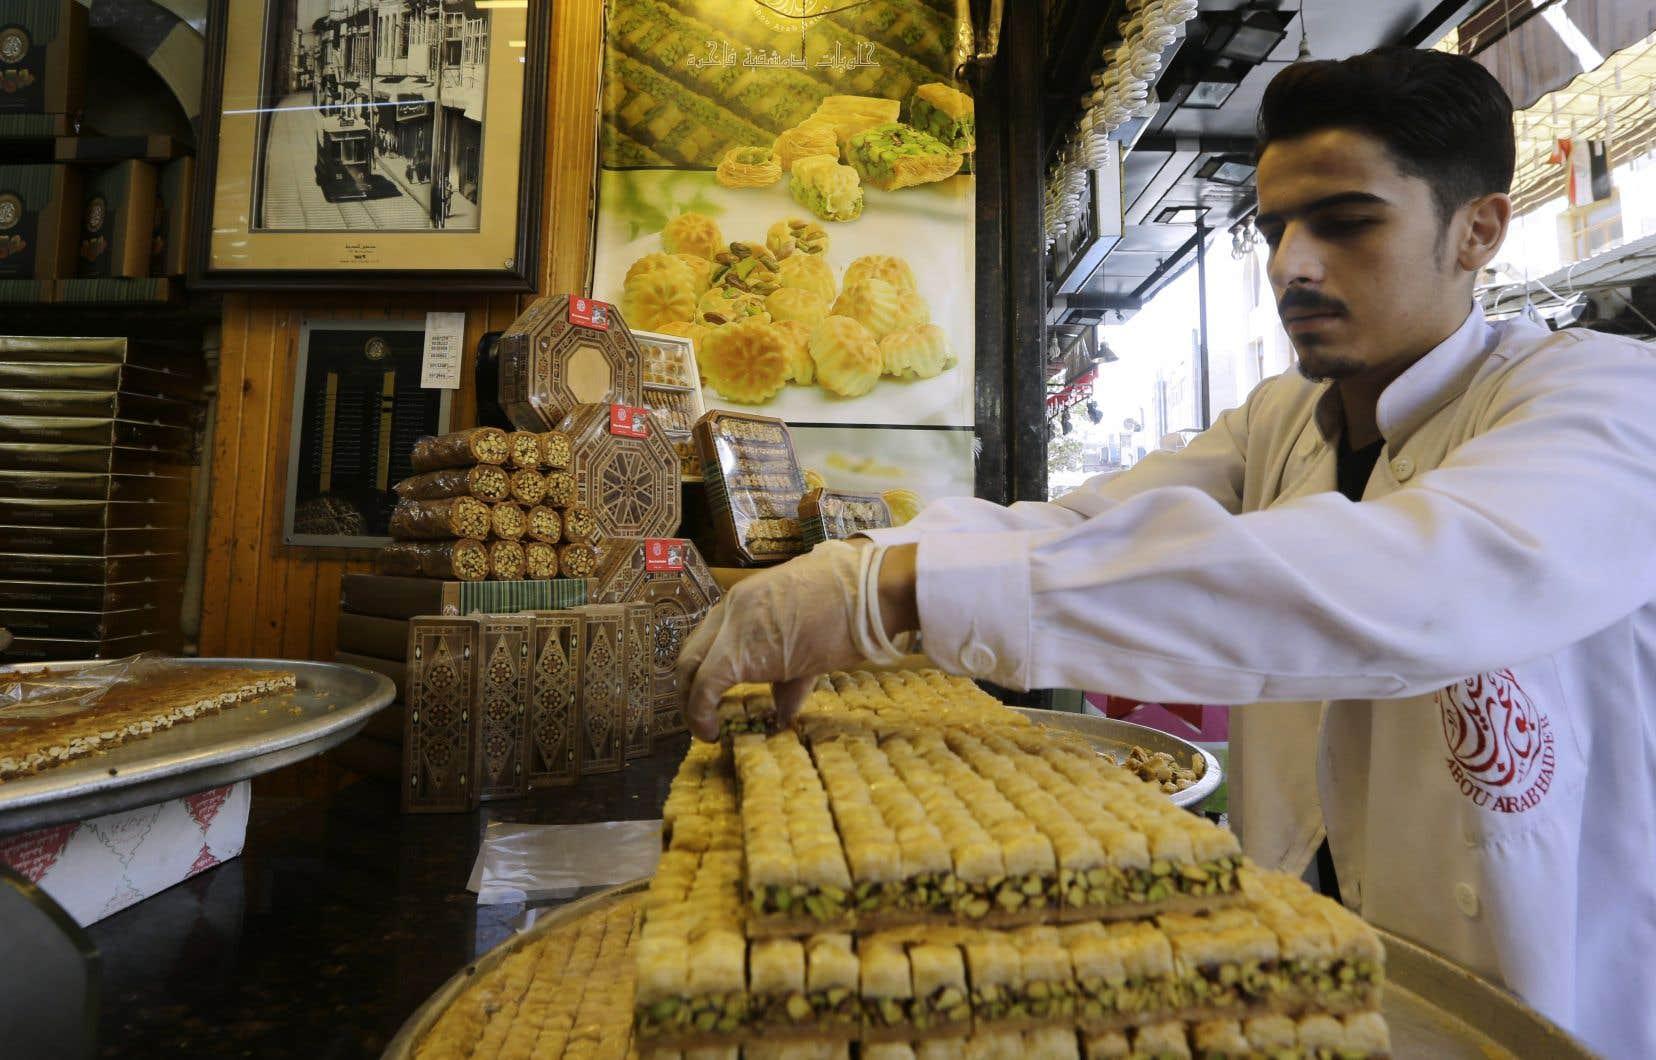 L'activité du secteur de la pâtisserie redécolle doucement depuis quelques semaines.